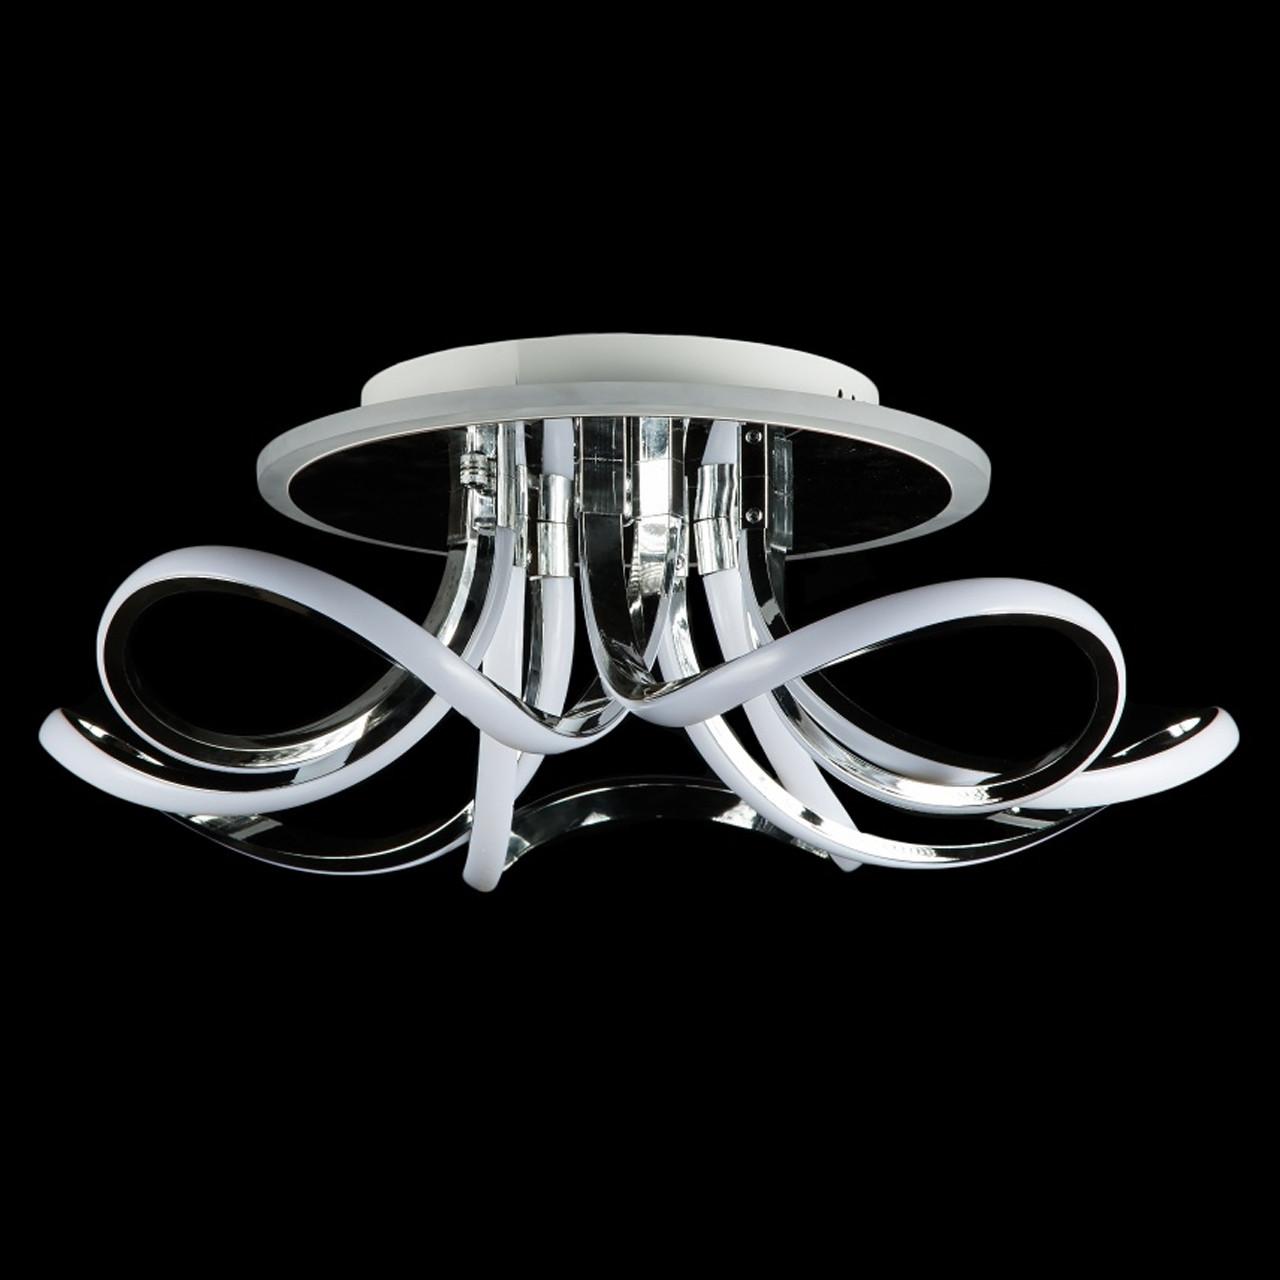 Светодиодная люстра СветМира 120 Вт с диммером и подсветкой основания VL-89697/5 LED (хром)